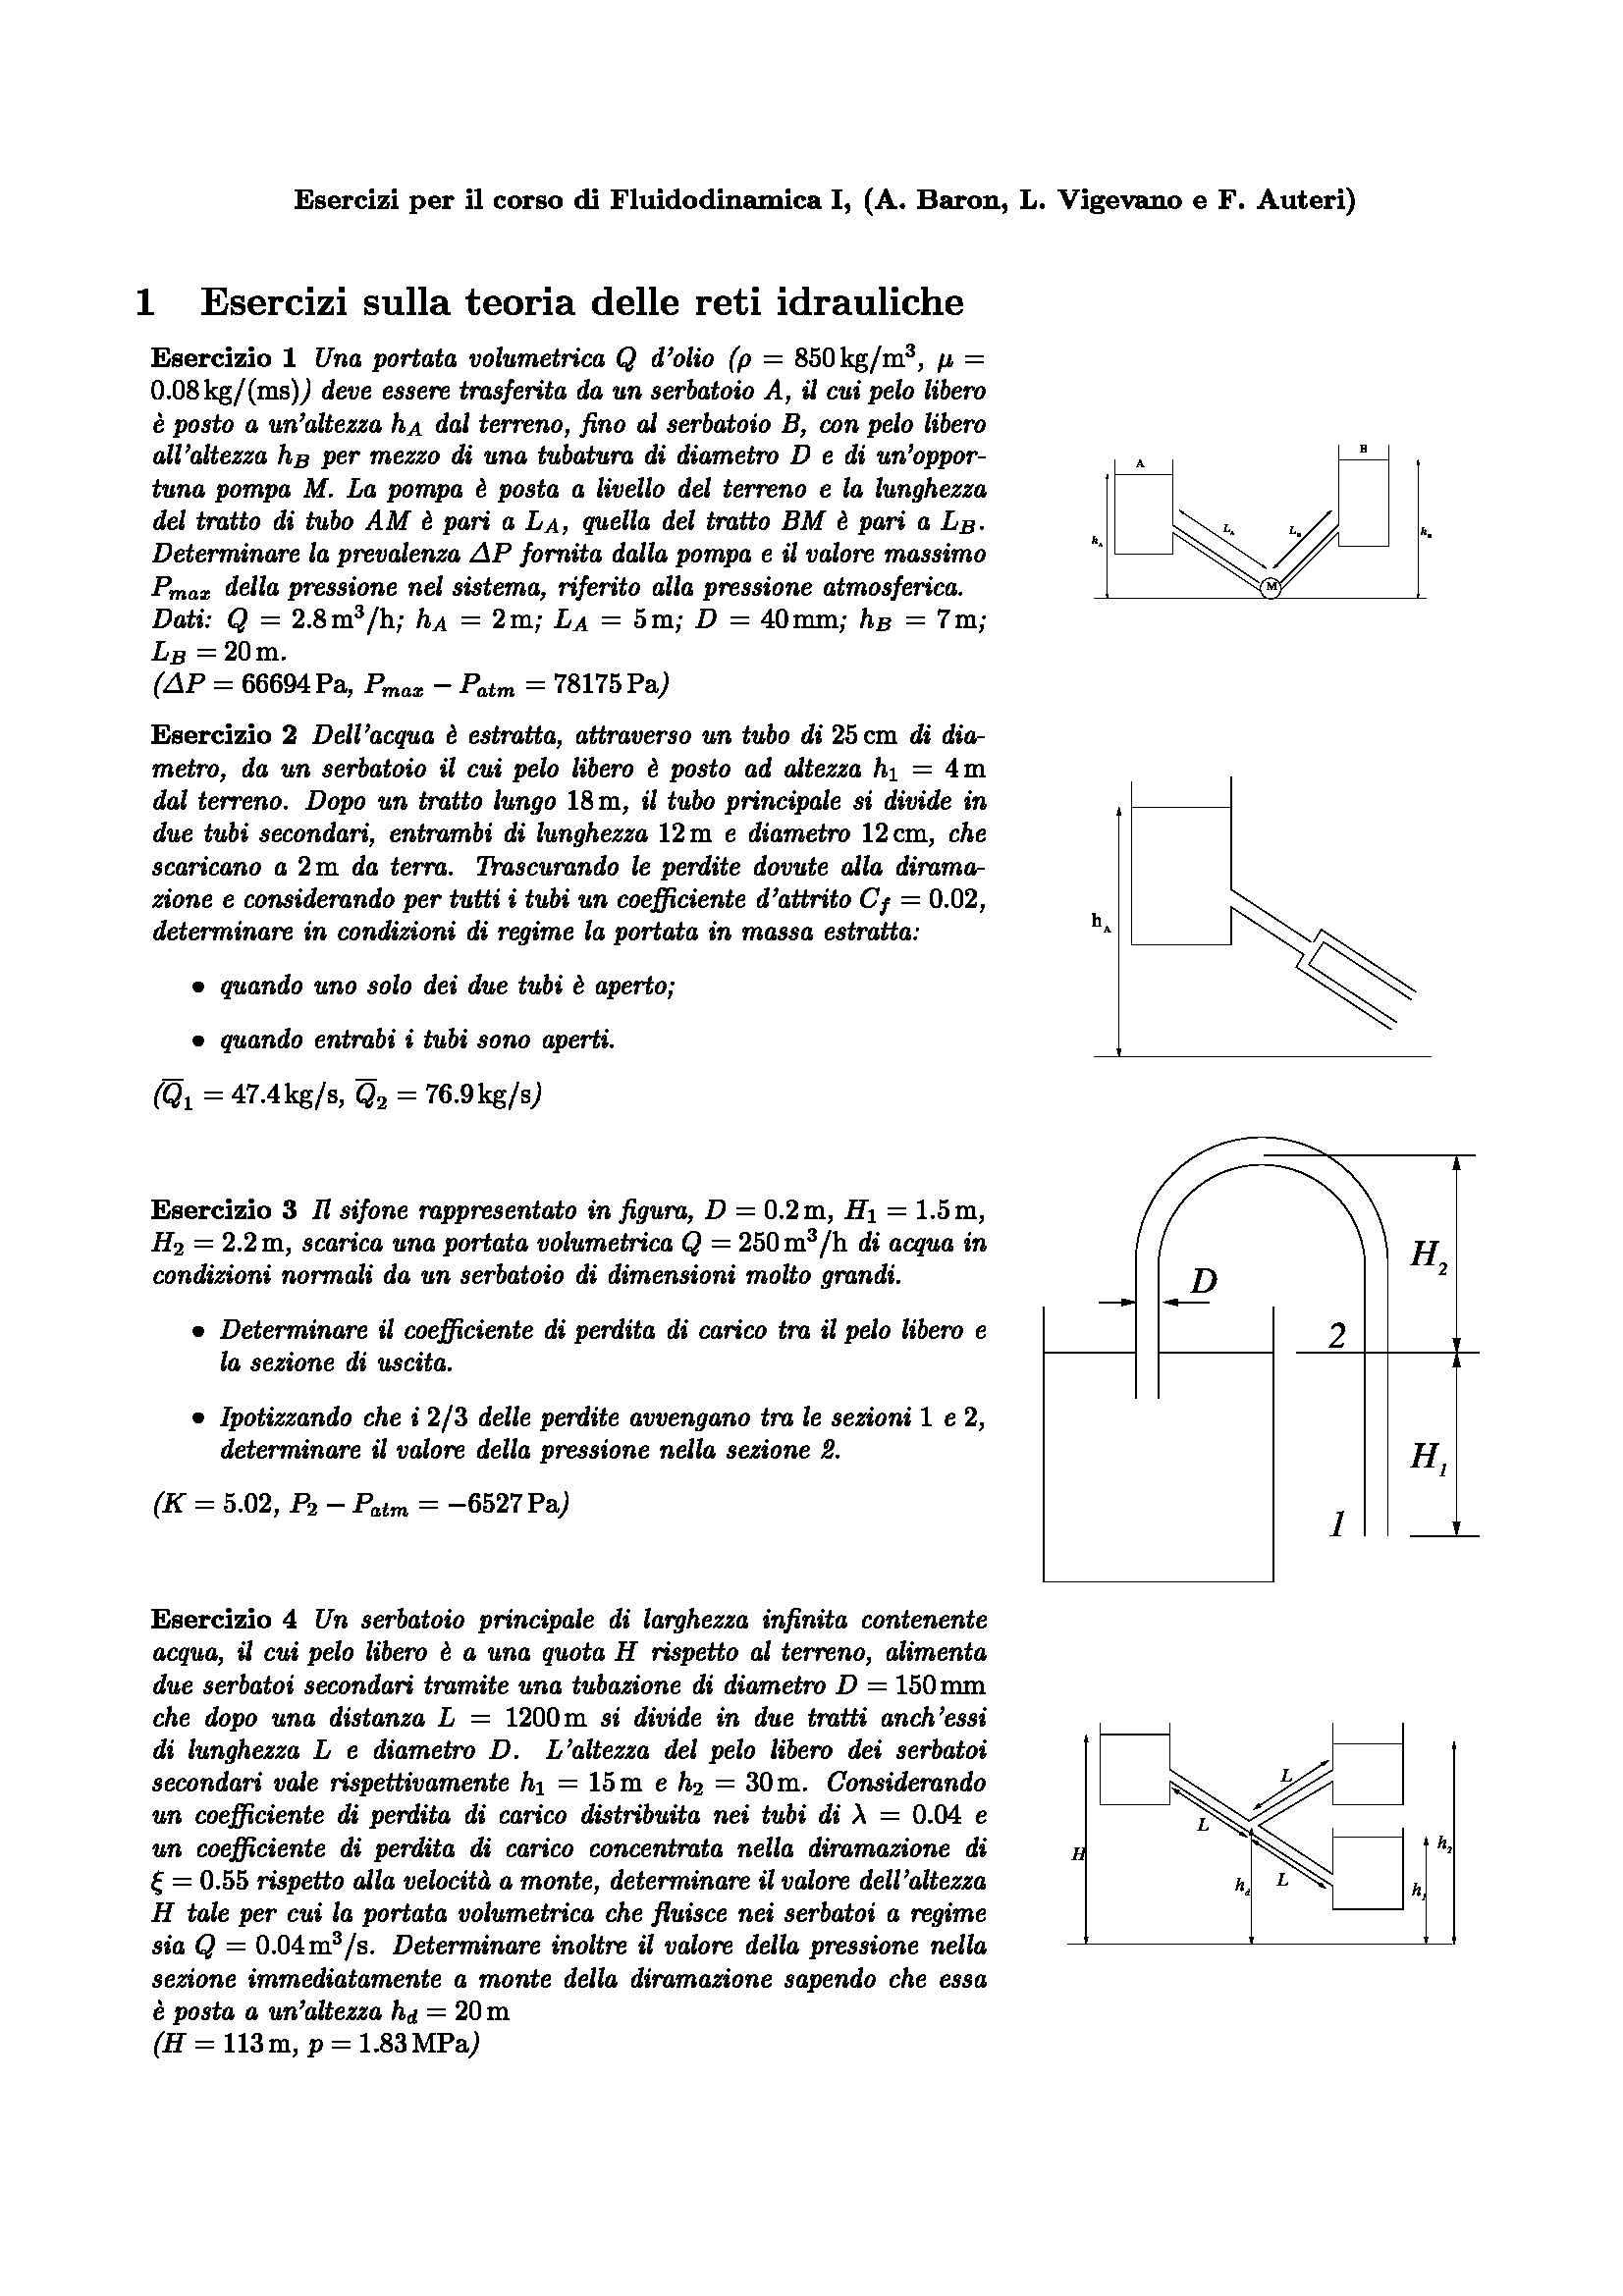 esercitazione F. Auteri Fluidodinamica